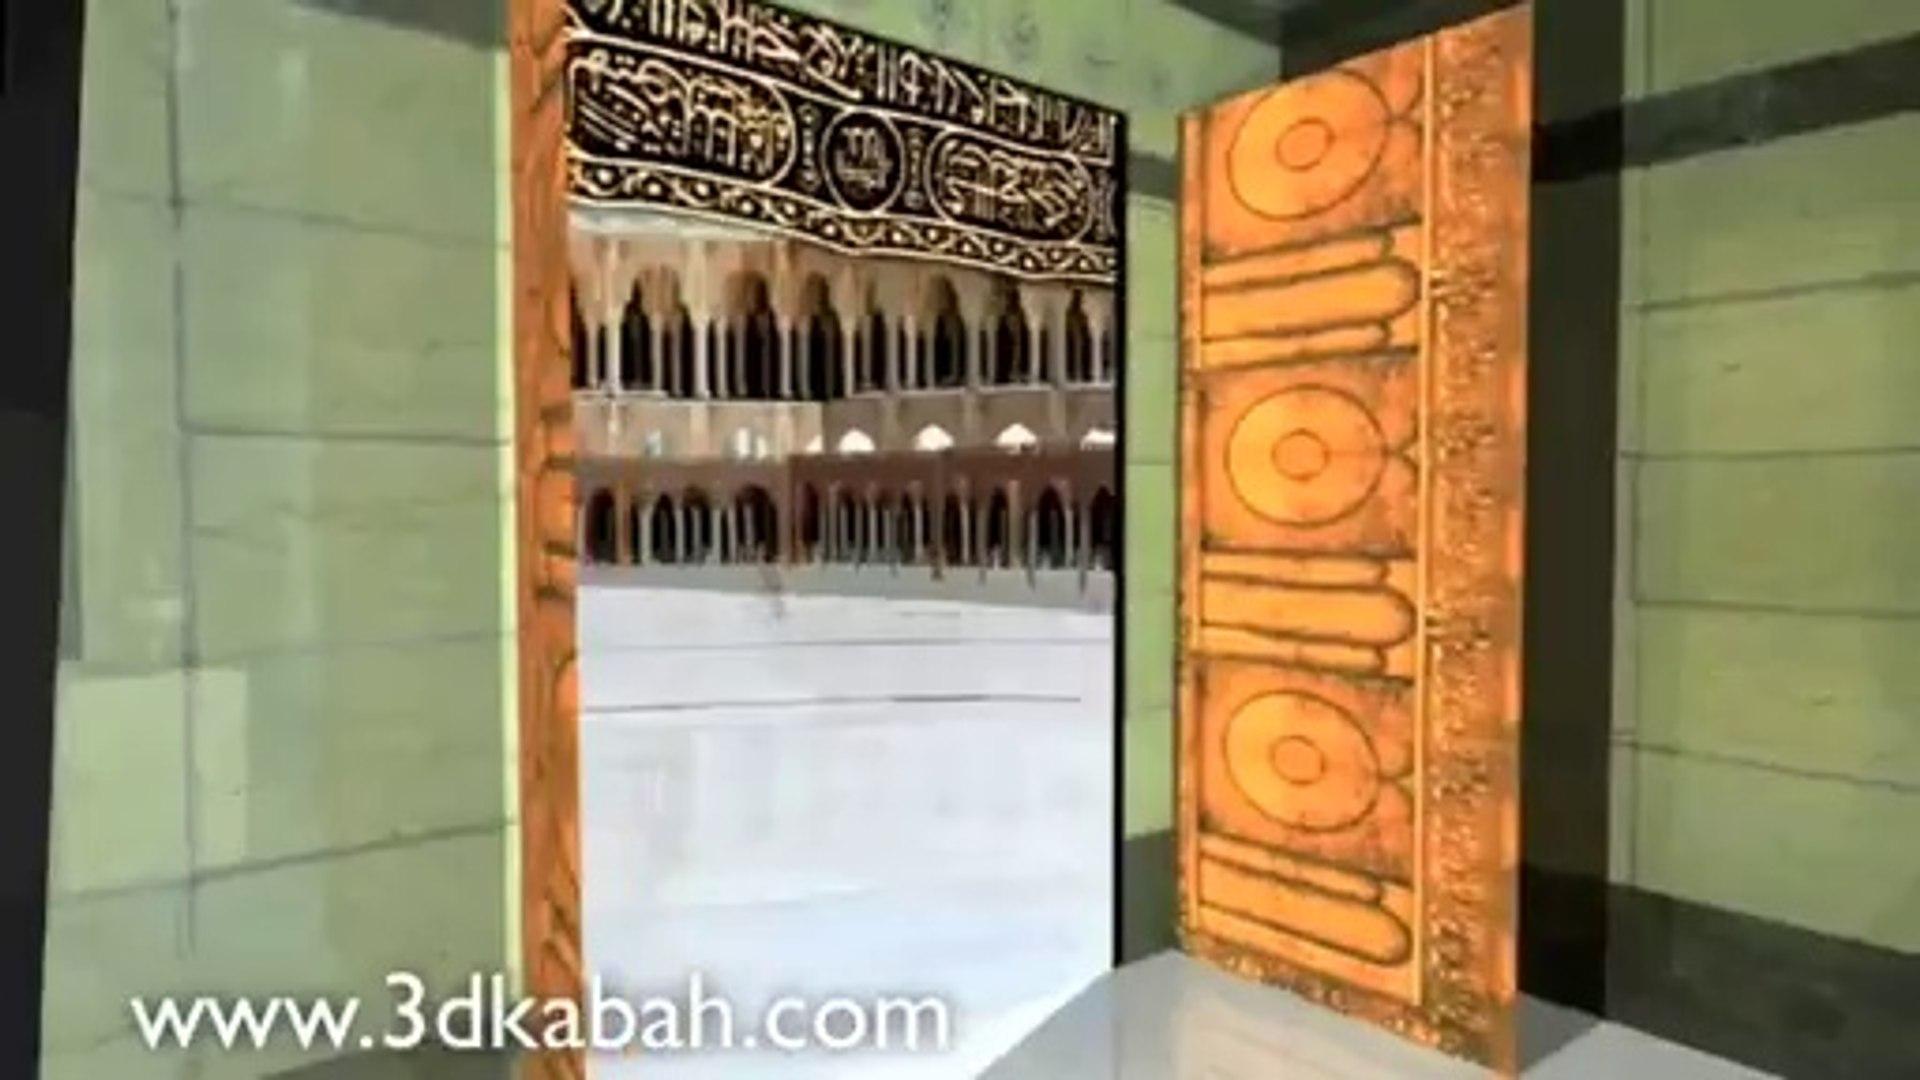 Inside the Kaaba in 3d